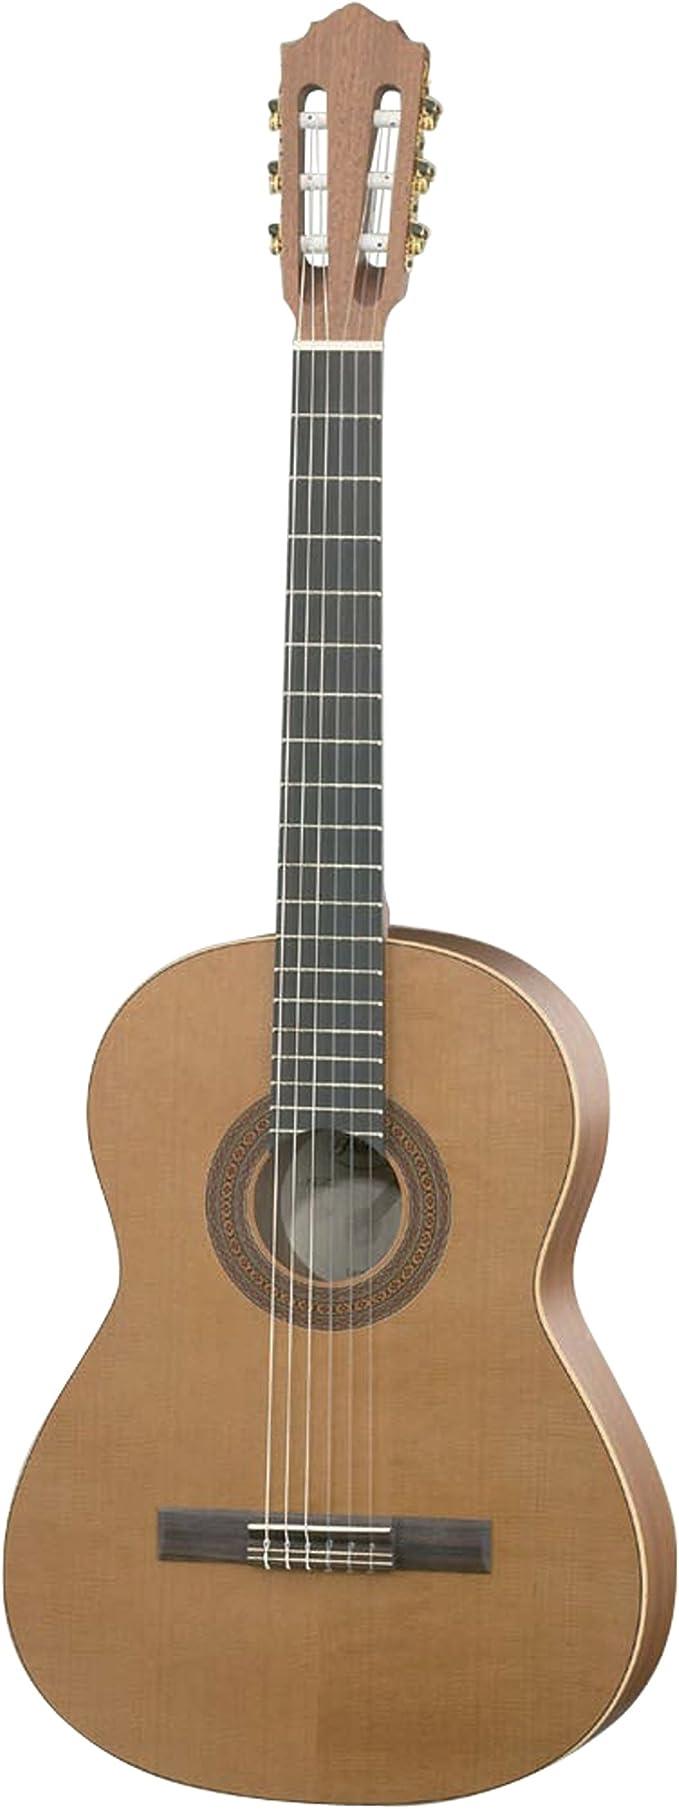 Hofner HZ23 - Guitarra clásica: Amazon.es: Instrumentos musicales